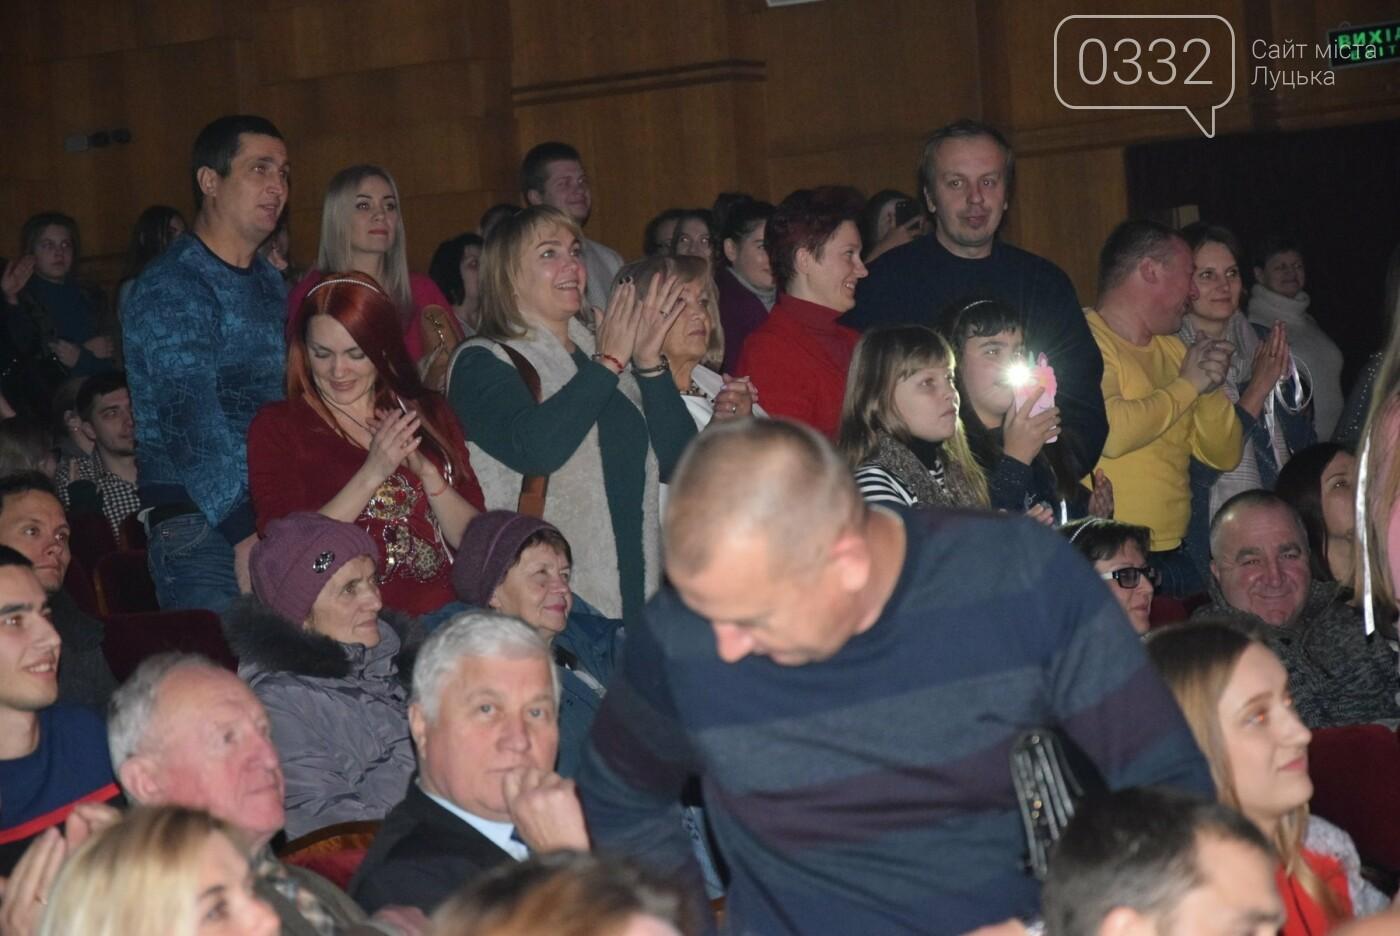 """""""Ось чому я не співаю веселих пісень"""", - Христина Соловій про Луцьк, творчість та історію (ФОТО) , фото-16"""